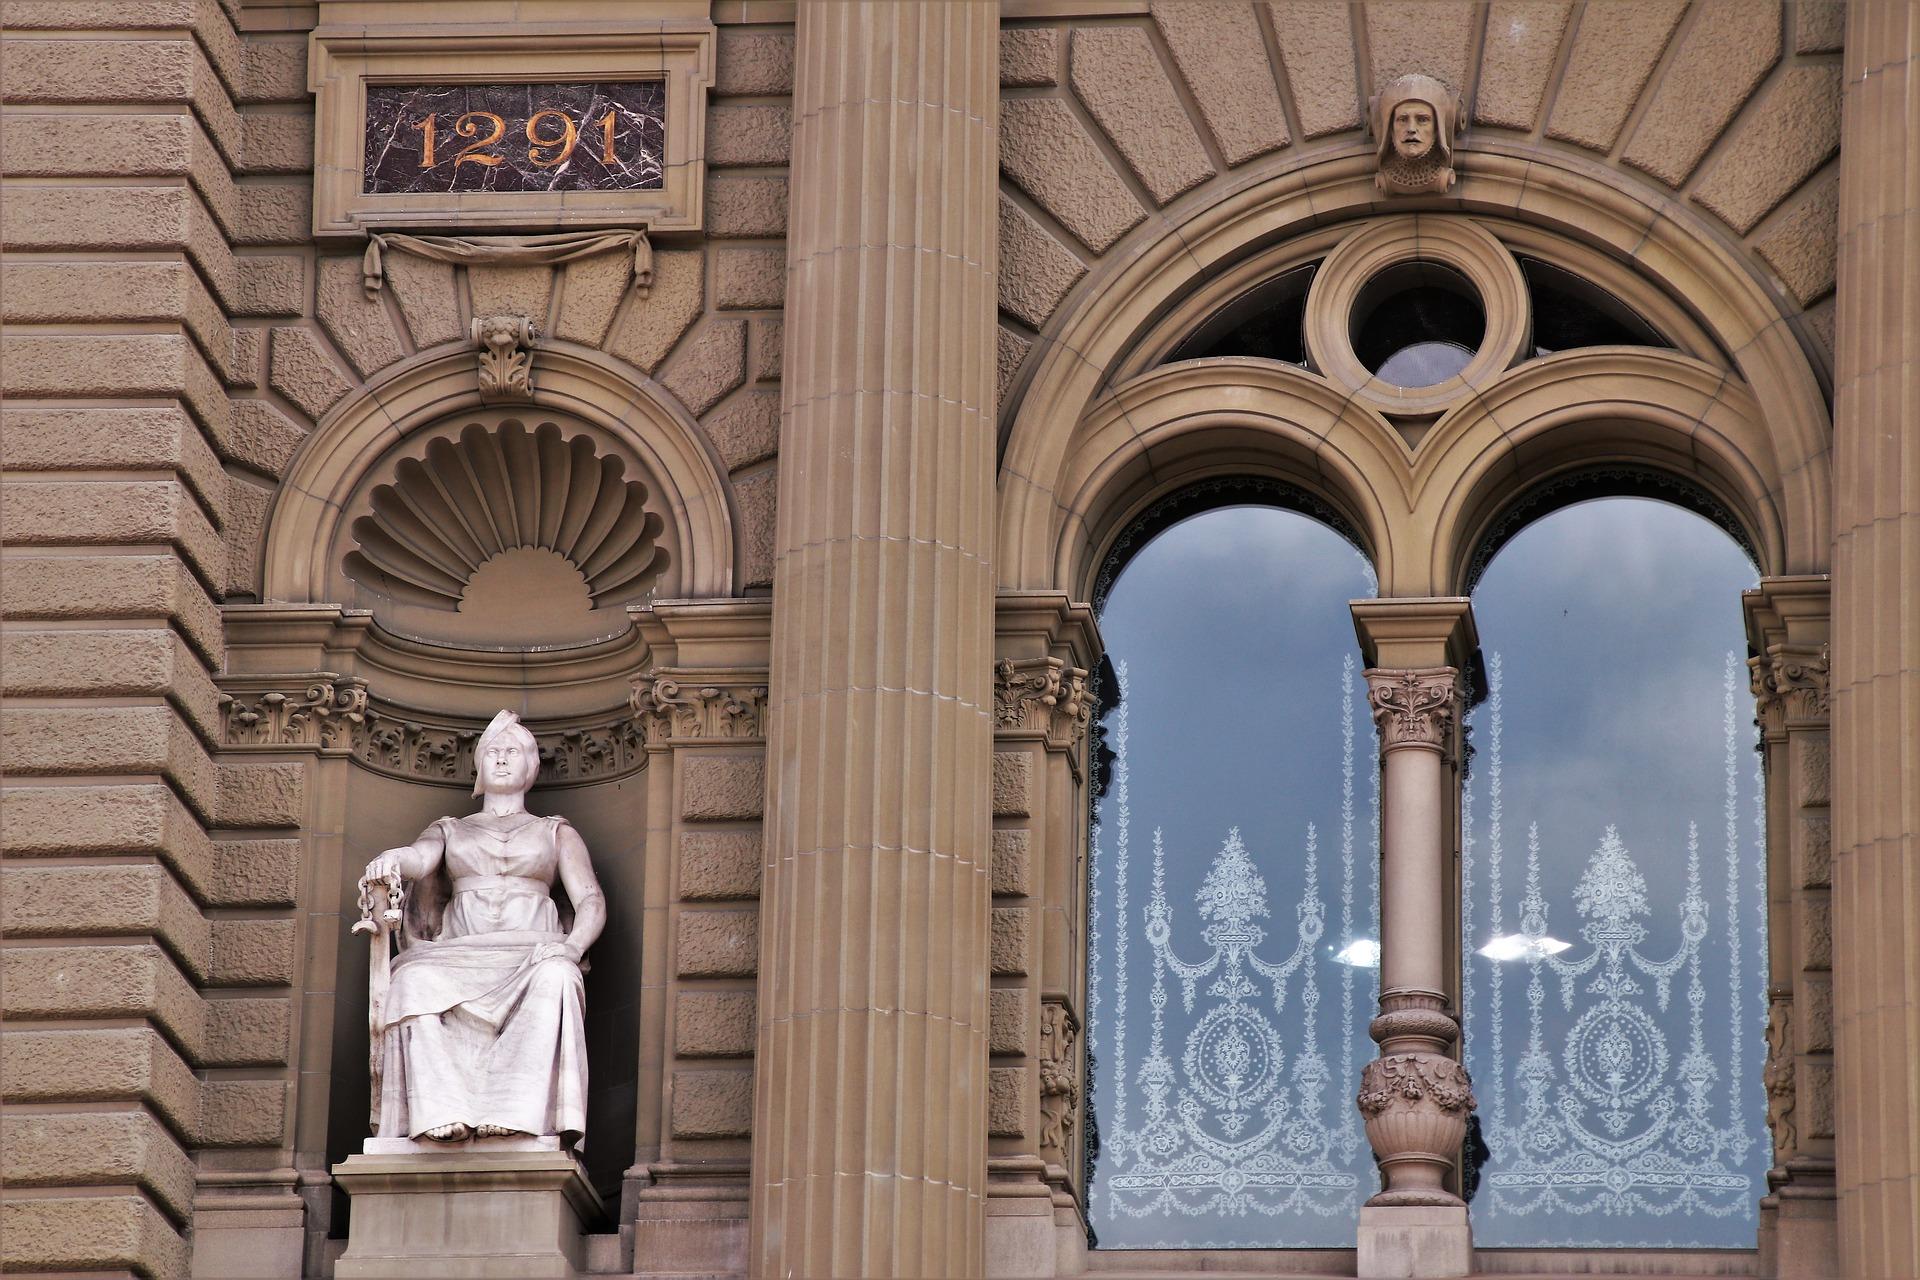 Das Bundeshaus in Bern in Nahaufnahme. Links eine Statue und rechts ein Fenster